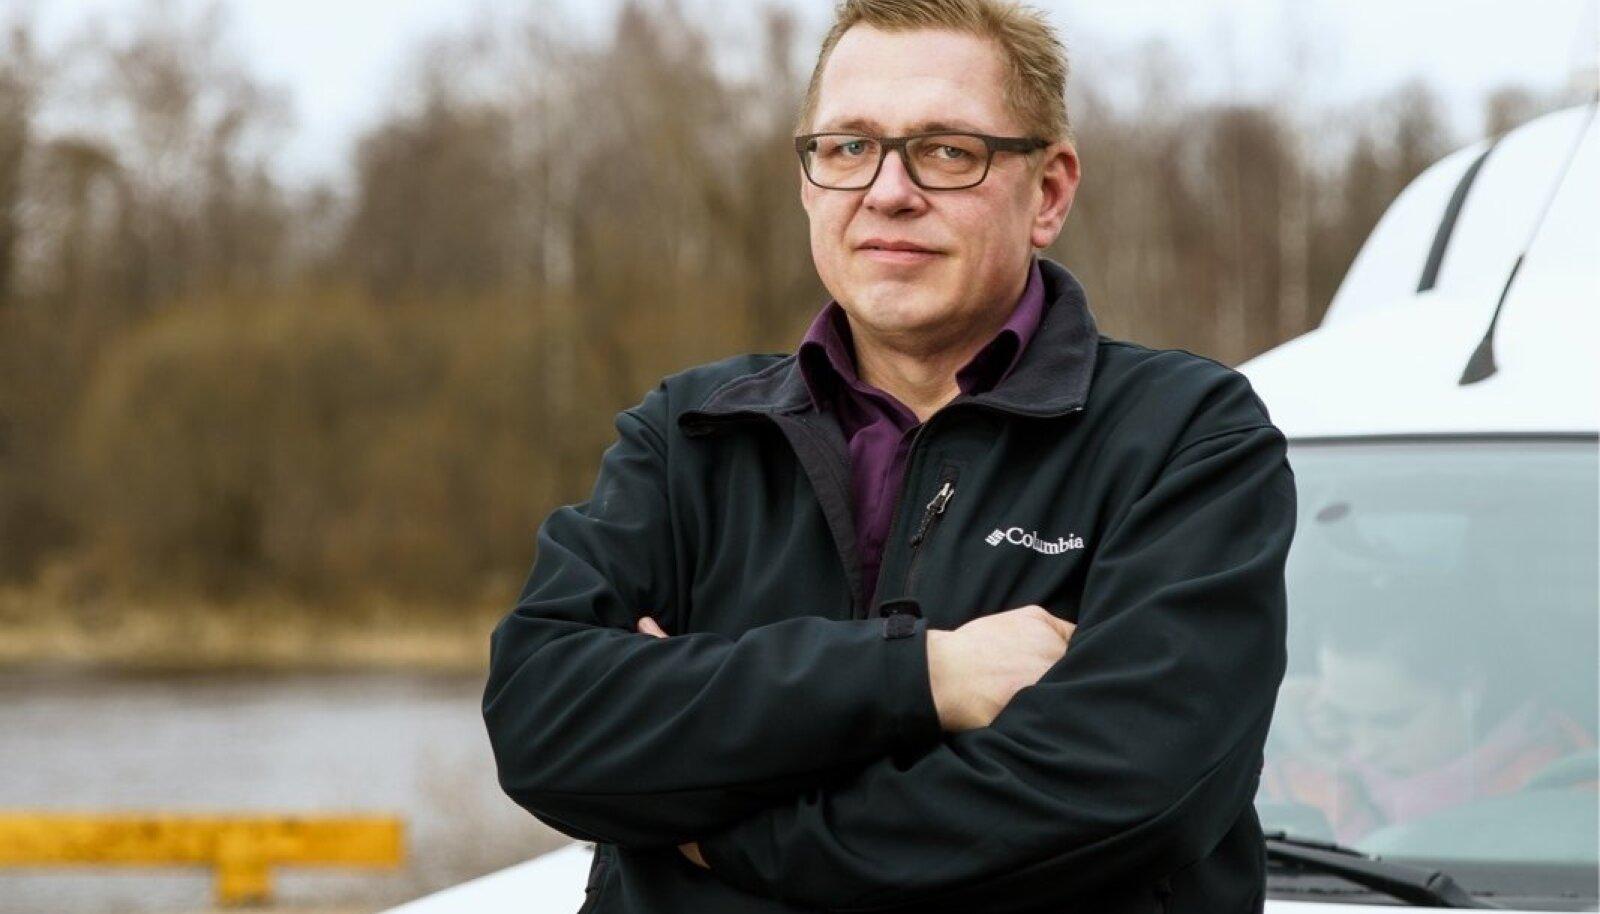 Jaan Heinmäe